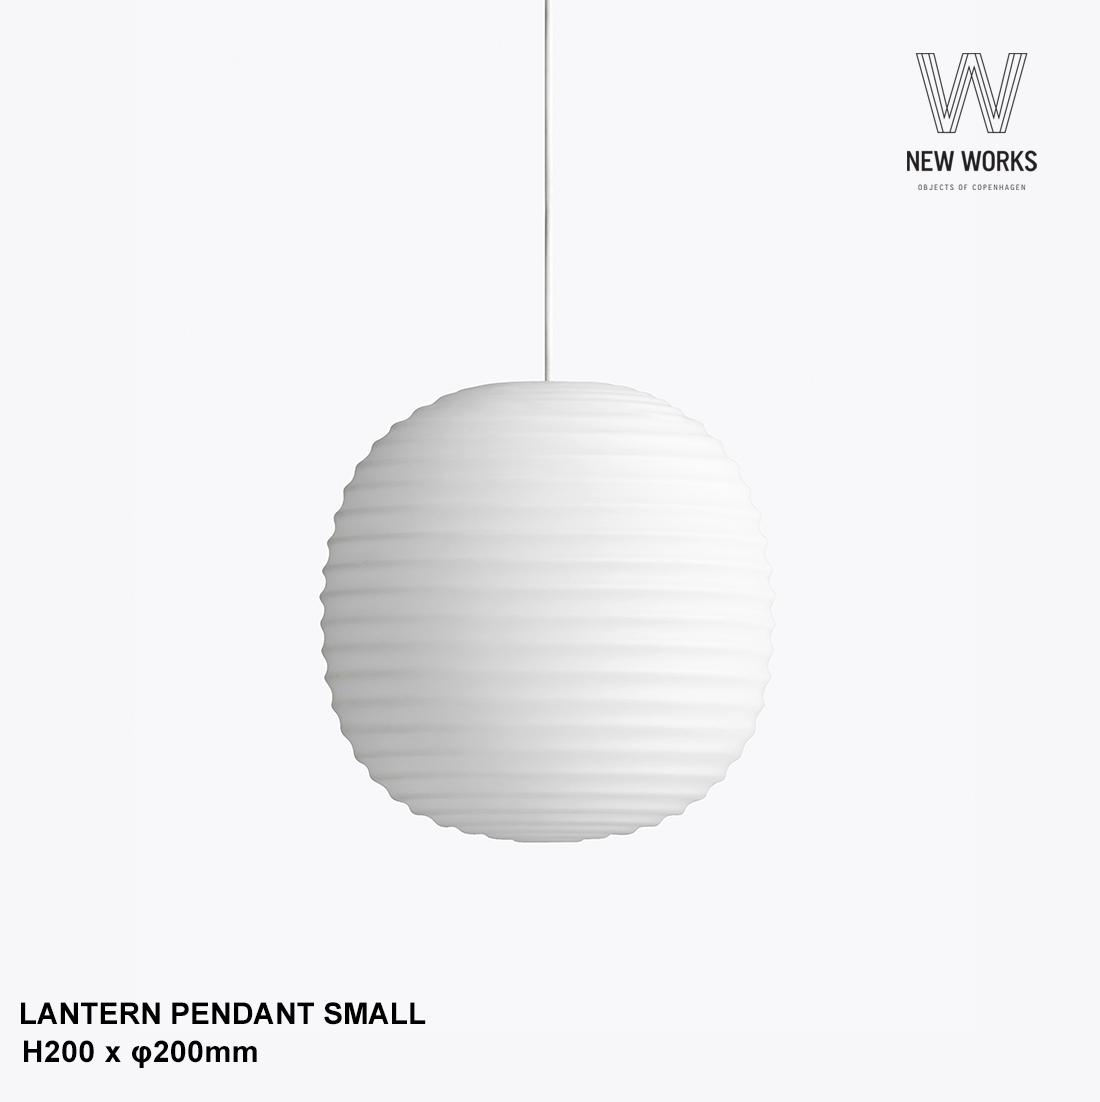 【NEWWORKS】LANTERN PENDANT SMALL ニューワークス/ペンダントライト/ランタン/ANDERSEN&VOLL/アンデルセン&ヴォル/ノルウェー/コペンハーゲン/Norwaysays